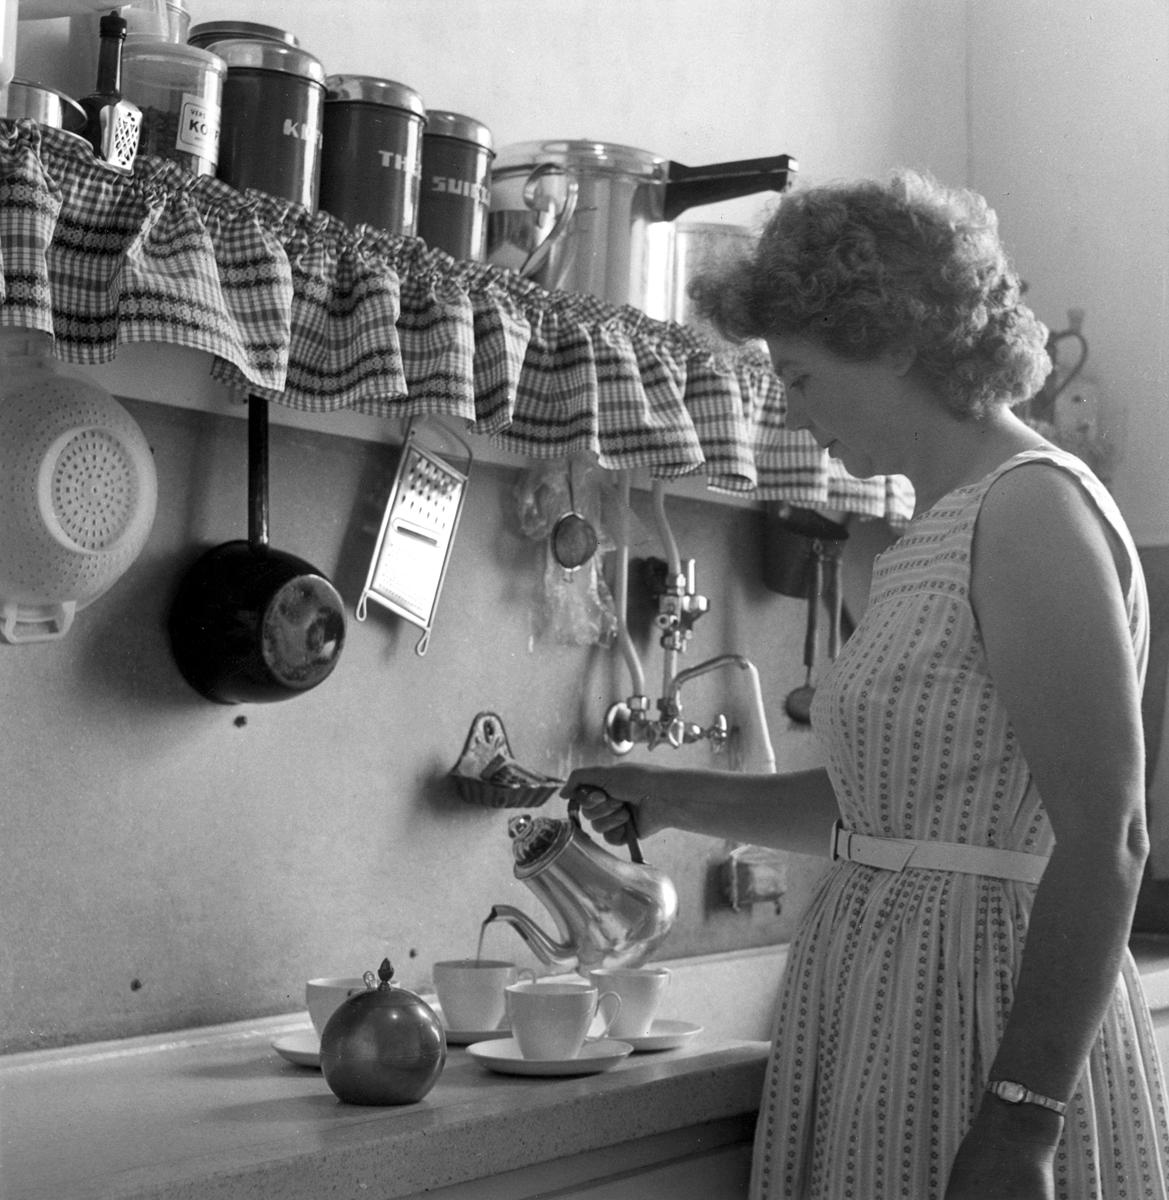 Koffie inschenken in de keuken flevoland 24 juni 1959 in de keuken zijn onder andere een rasp - Tape geleid keuken ...